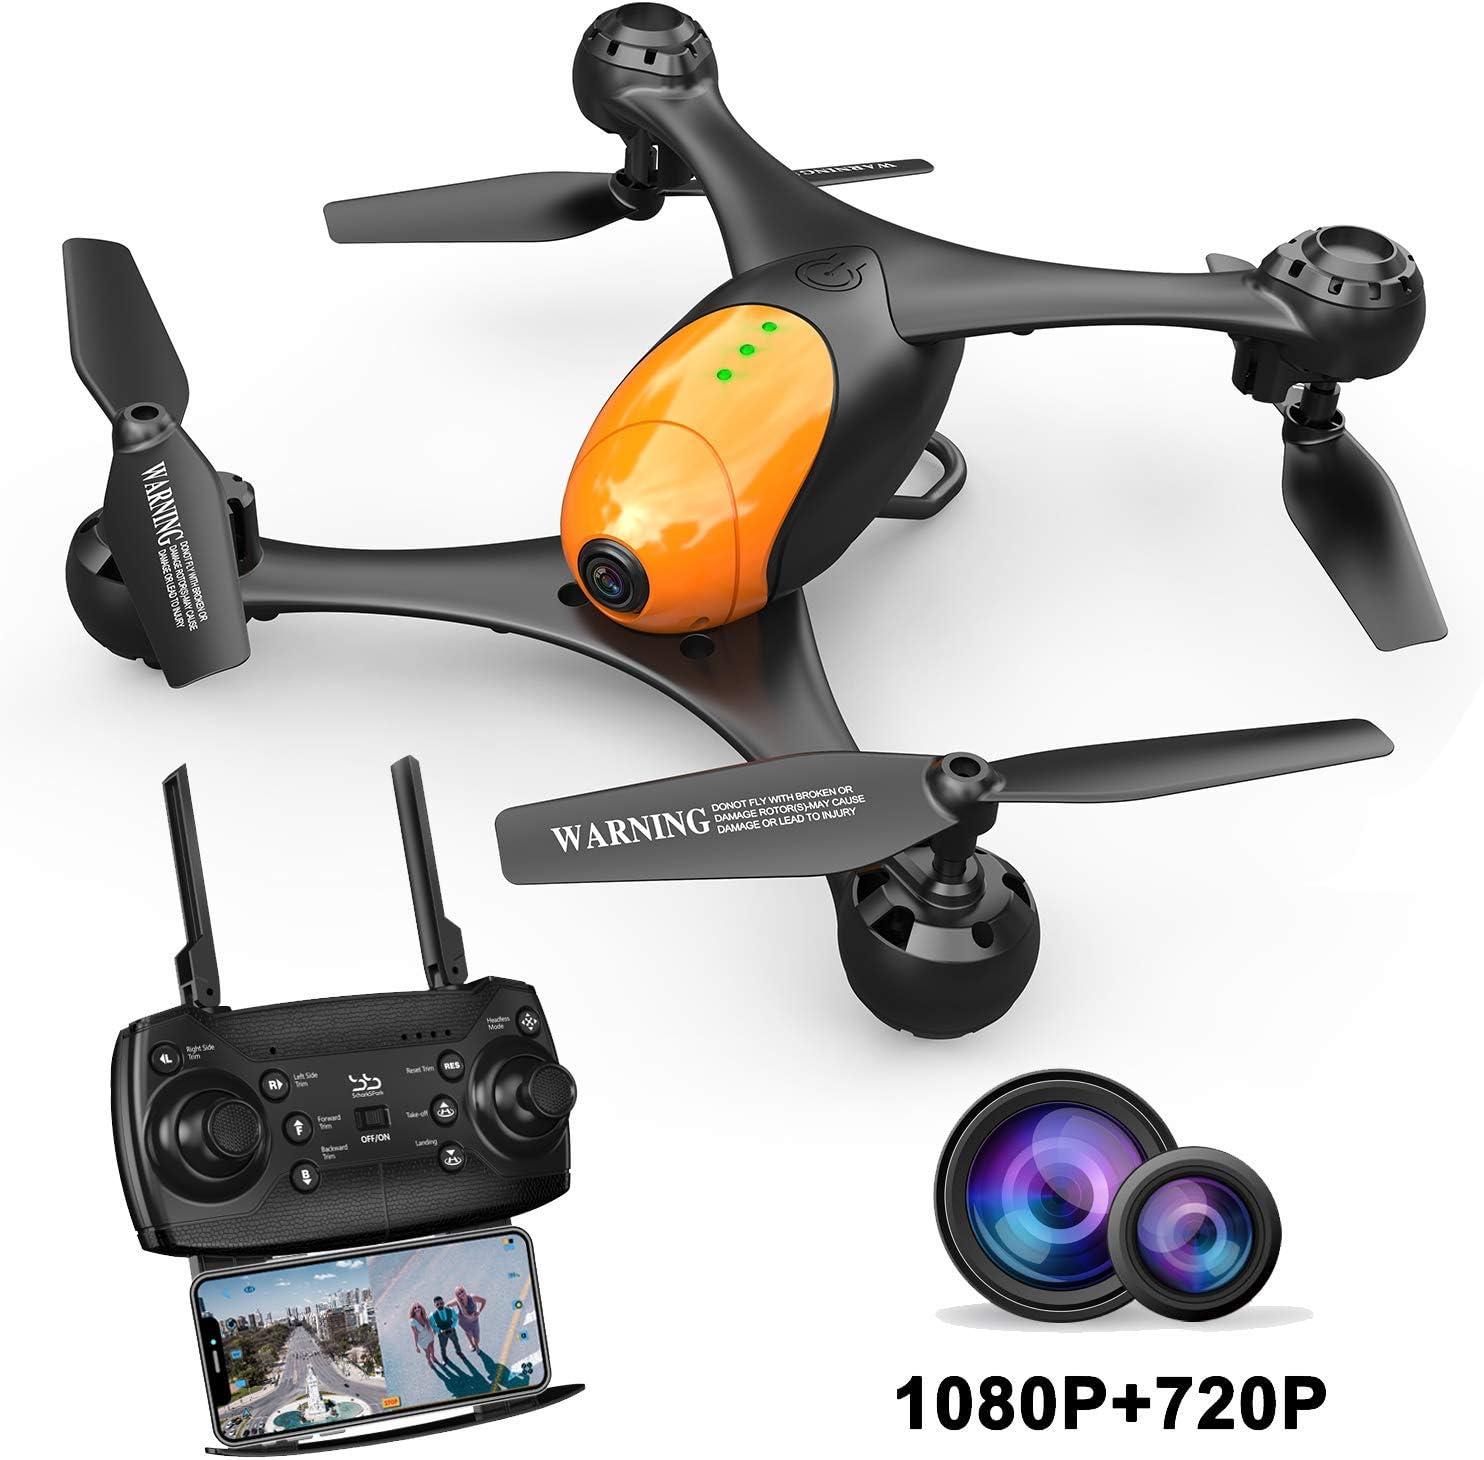 SCHARKSPARK DRONE SS41 REVIEW